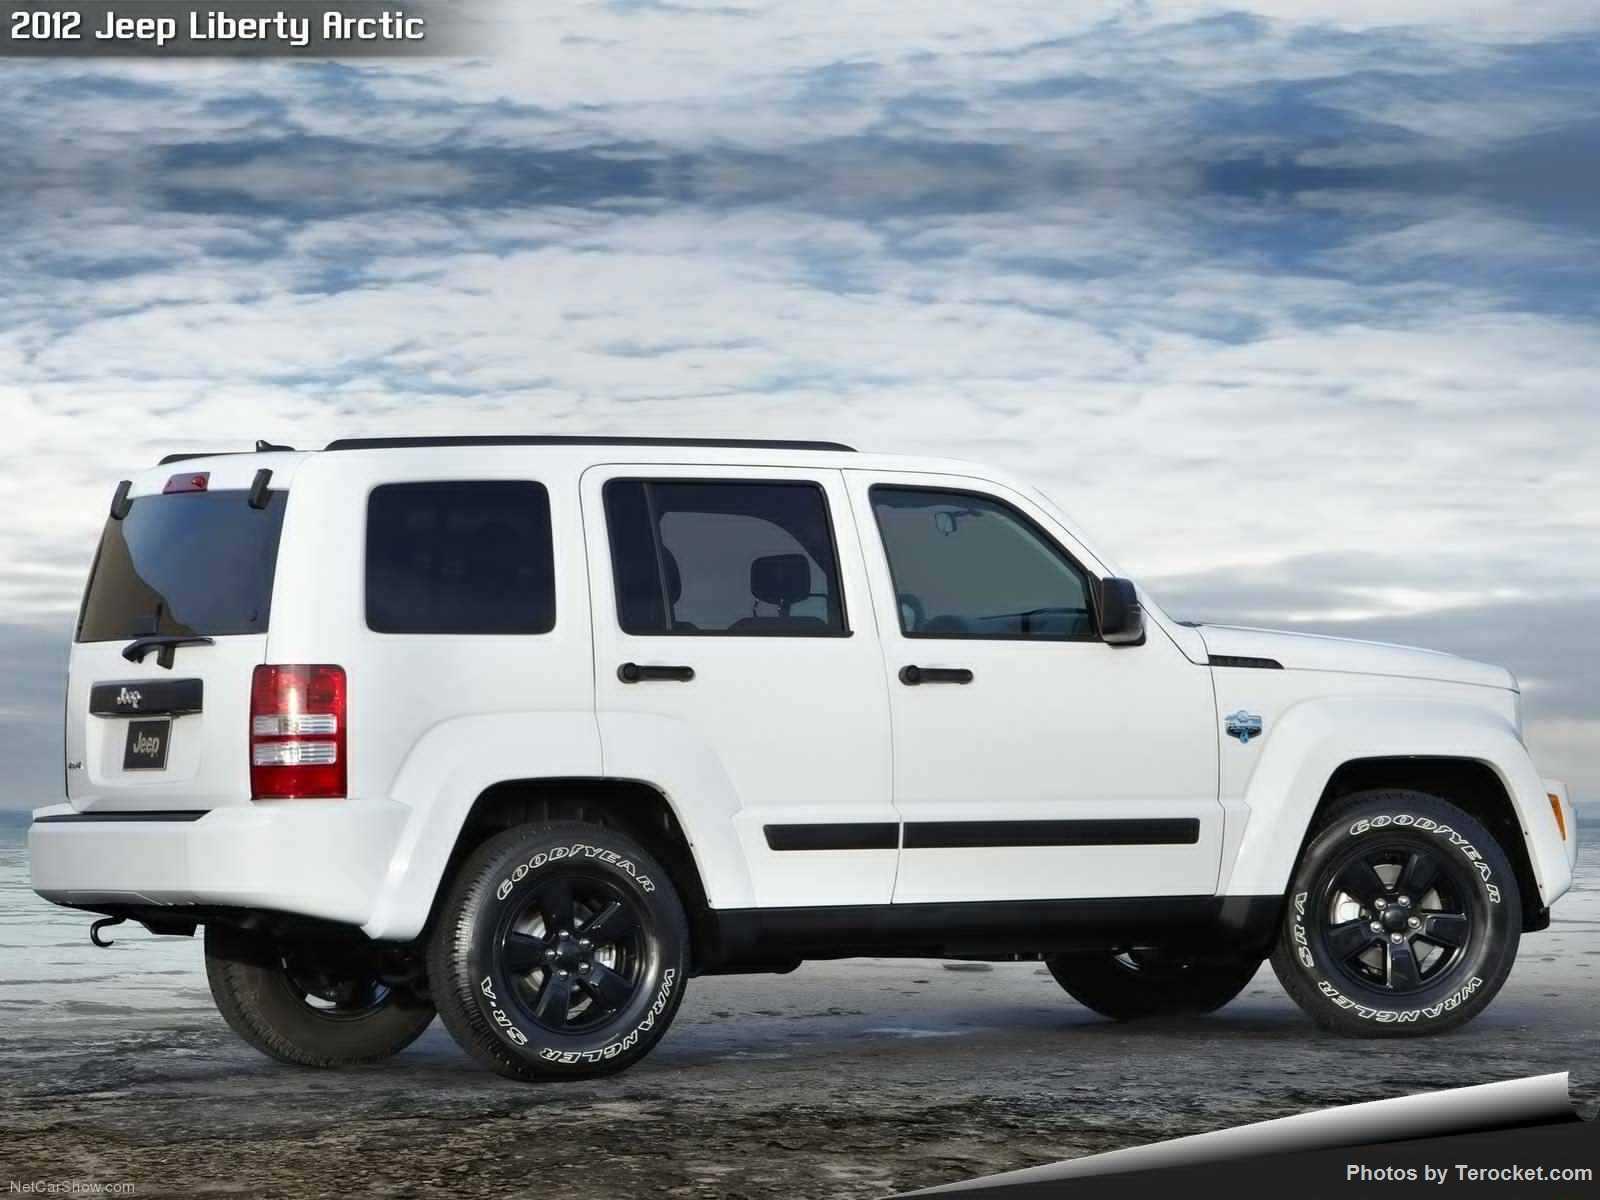 Hình ảnh xe ô tô Jeep Liberty Arctic 2012 & nội ngoại thất